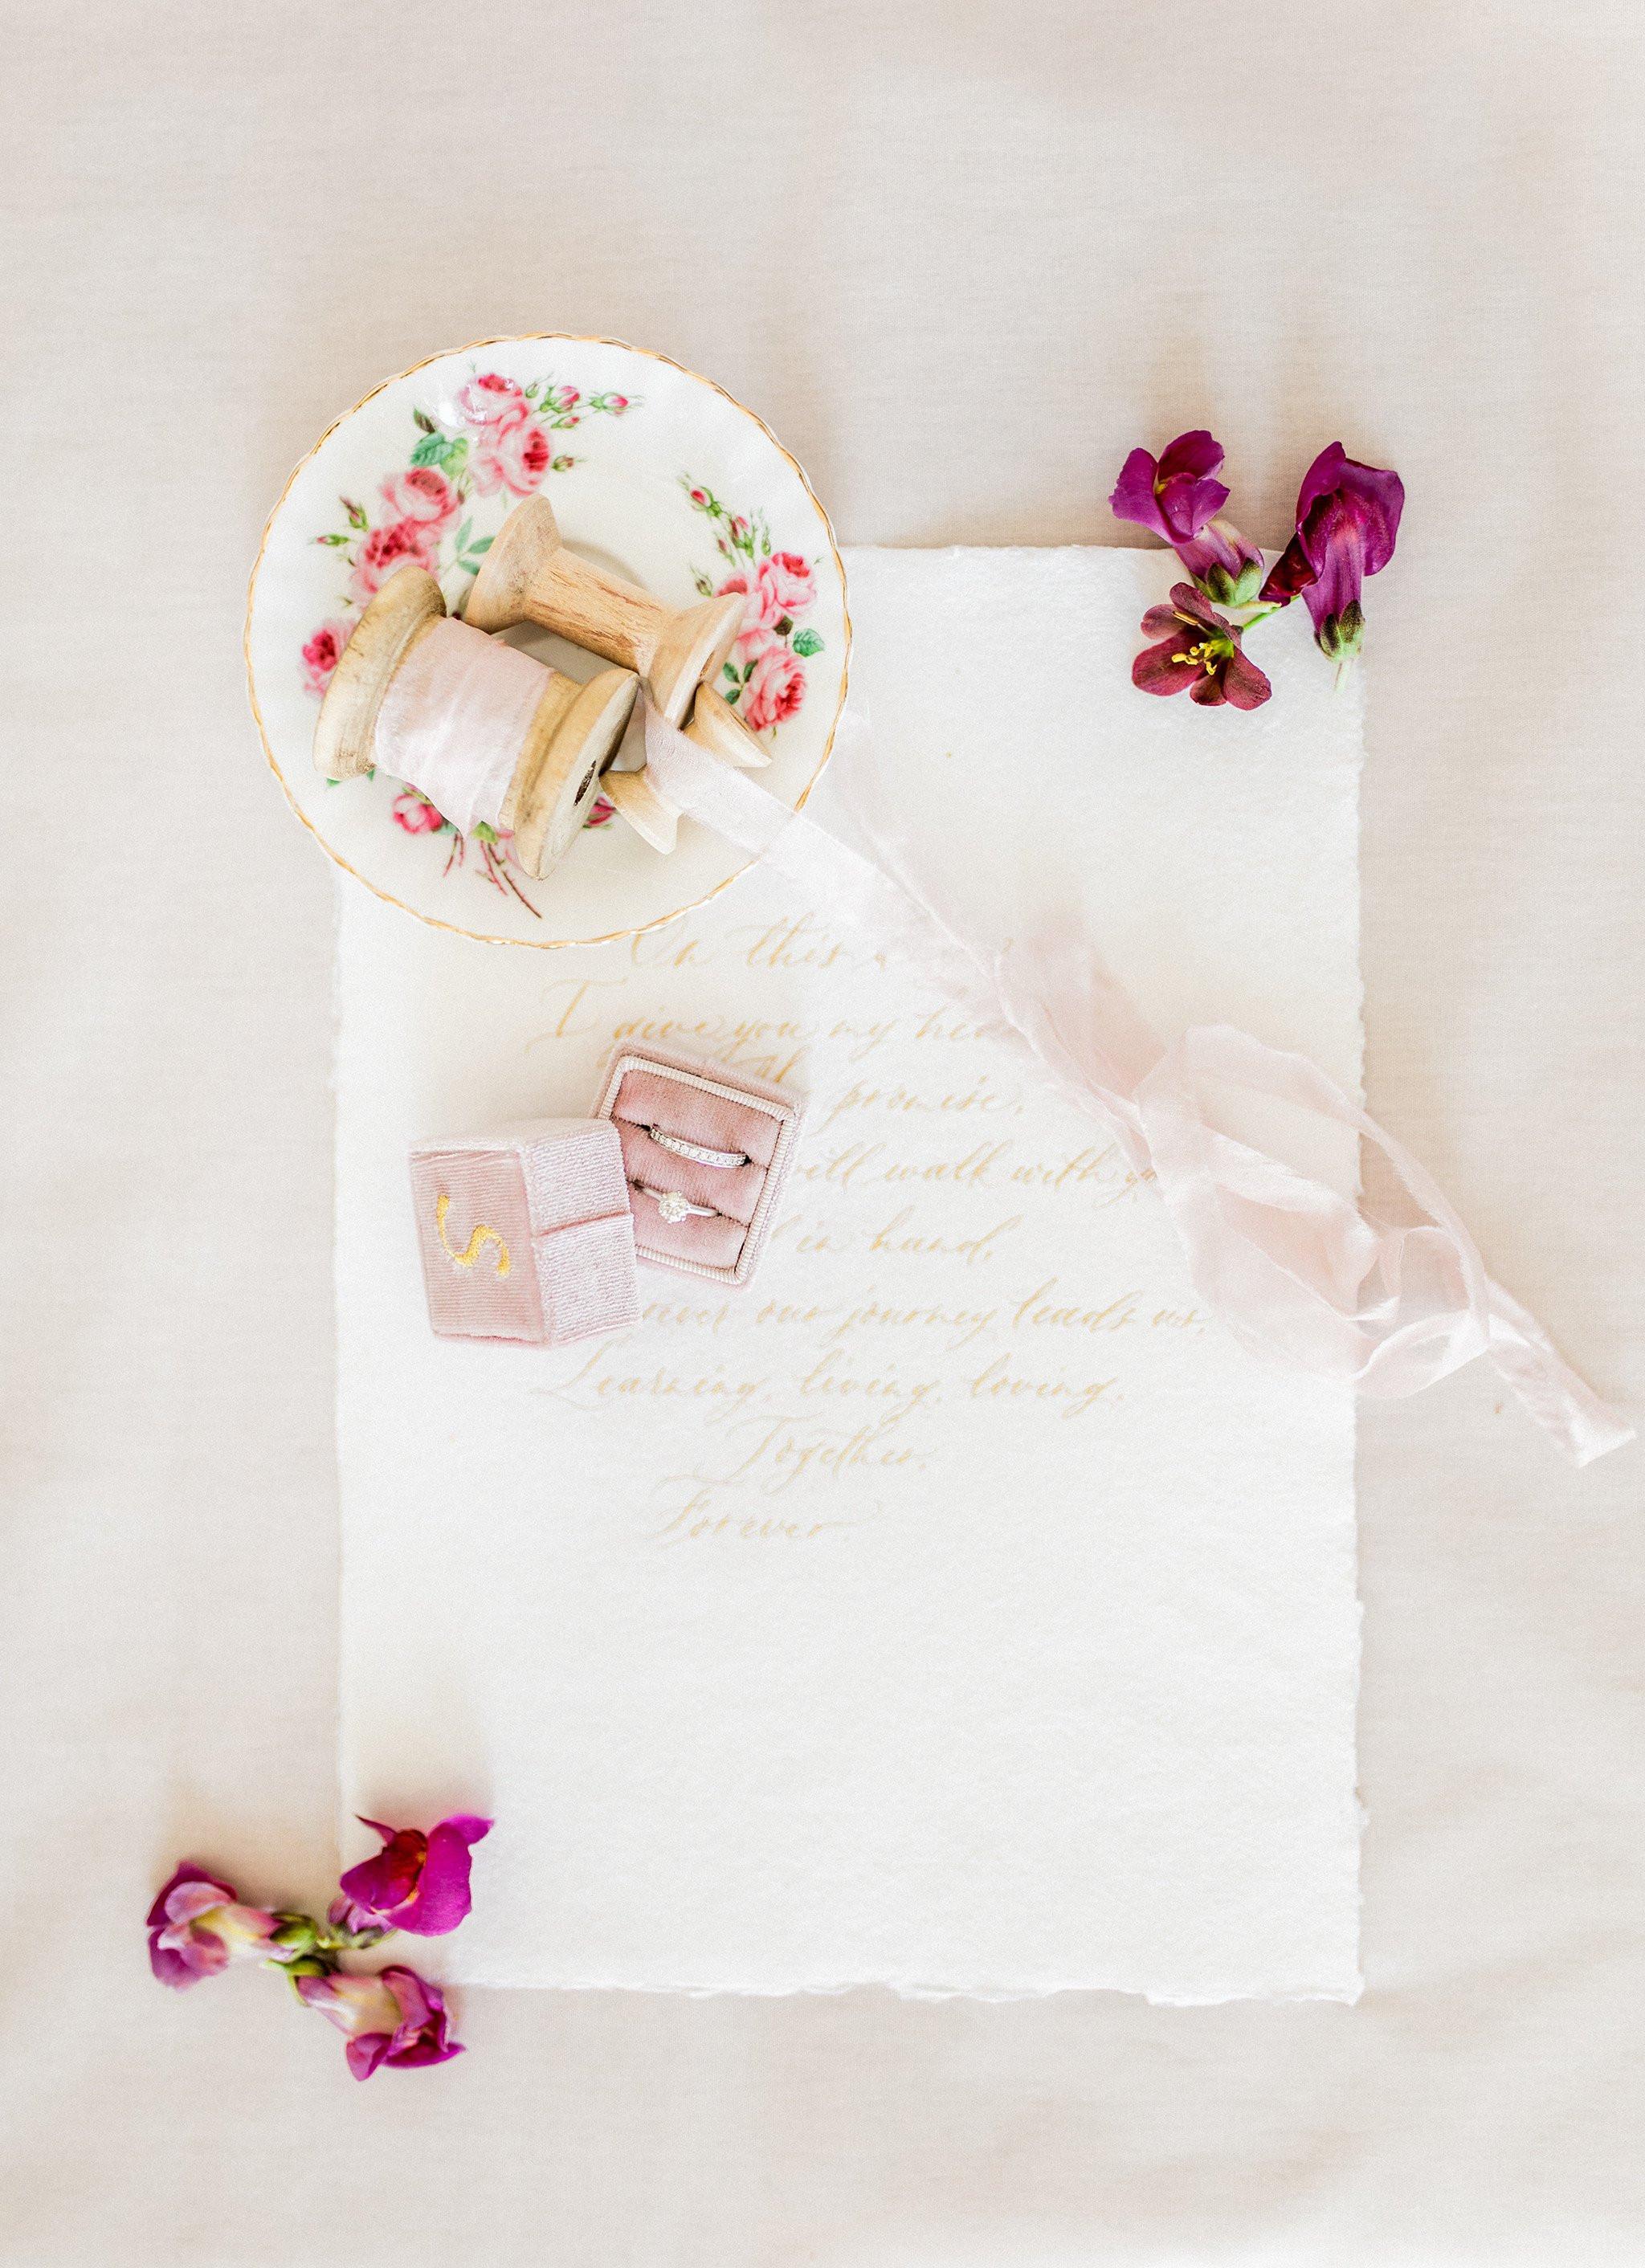 Betere Huwelijksgedichten - Voorbeelden & tips! | ThePerfectWedding.nl EM-22